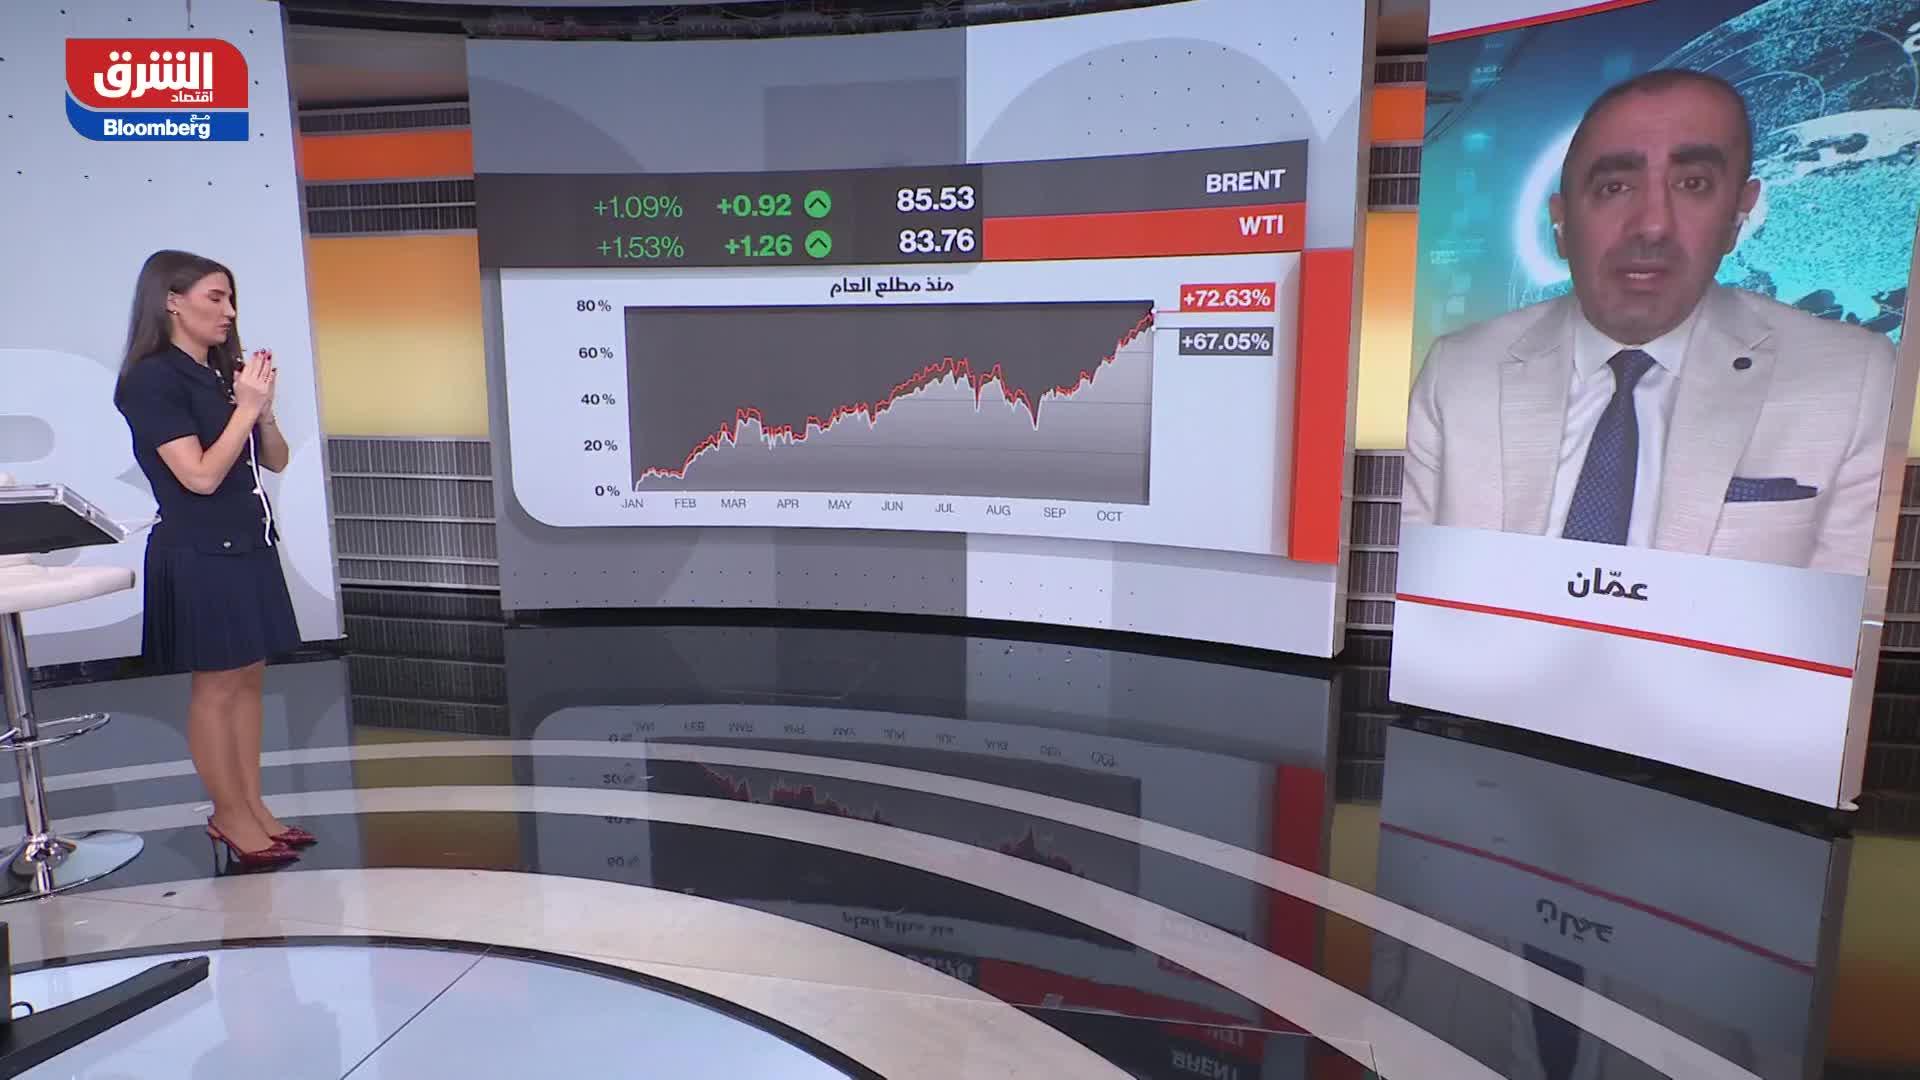 كيف يمكن قراءة توقعات كبرى البنوك الاستثمارية حول مستويات مرتفعة لأسعار النفط على المدى الطويل؟